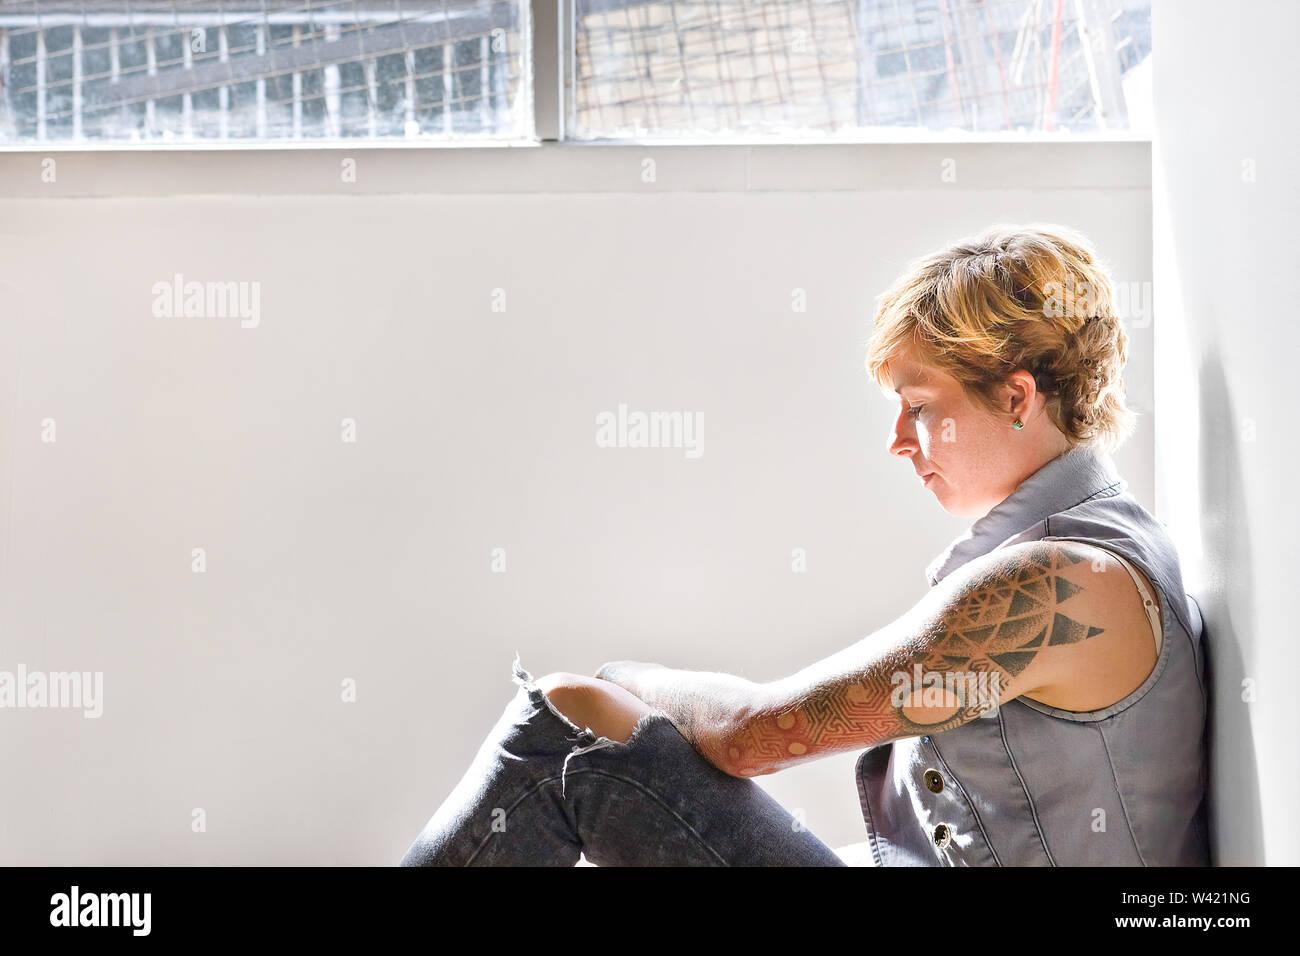 Jolies filles avec des tatouages et une couleur d'or des cheveux plus courts essayer de se concentrer sur un problème s'appuie sur le mur et assis sur le plancher d'une chambre à côté d'une fenêtre Photo Stock